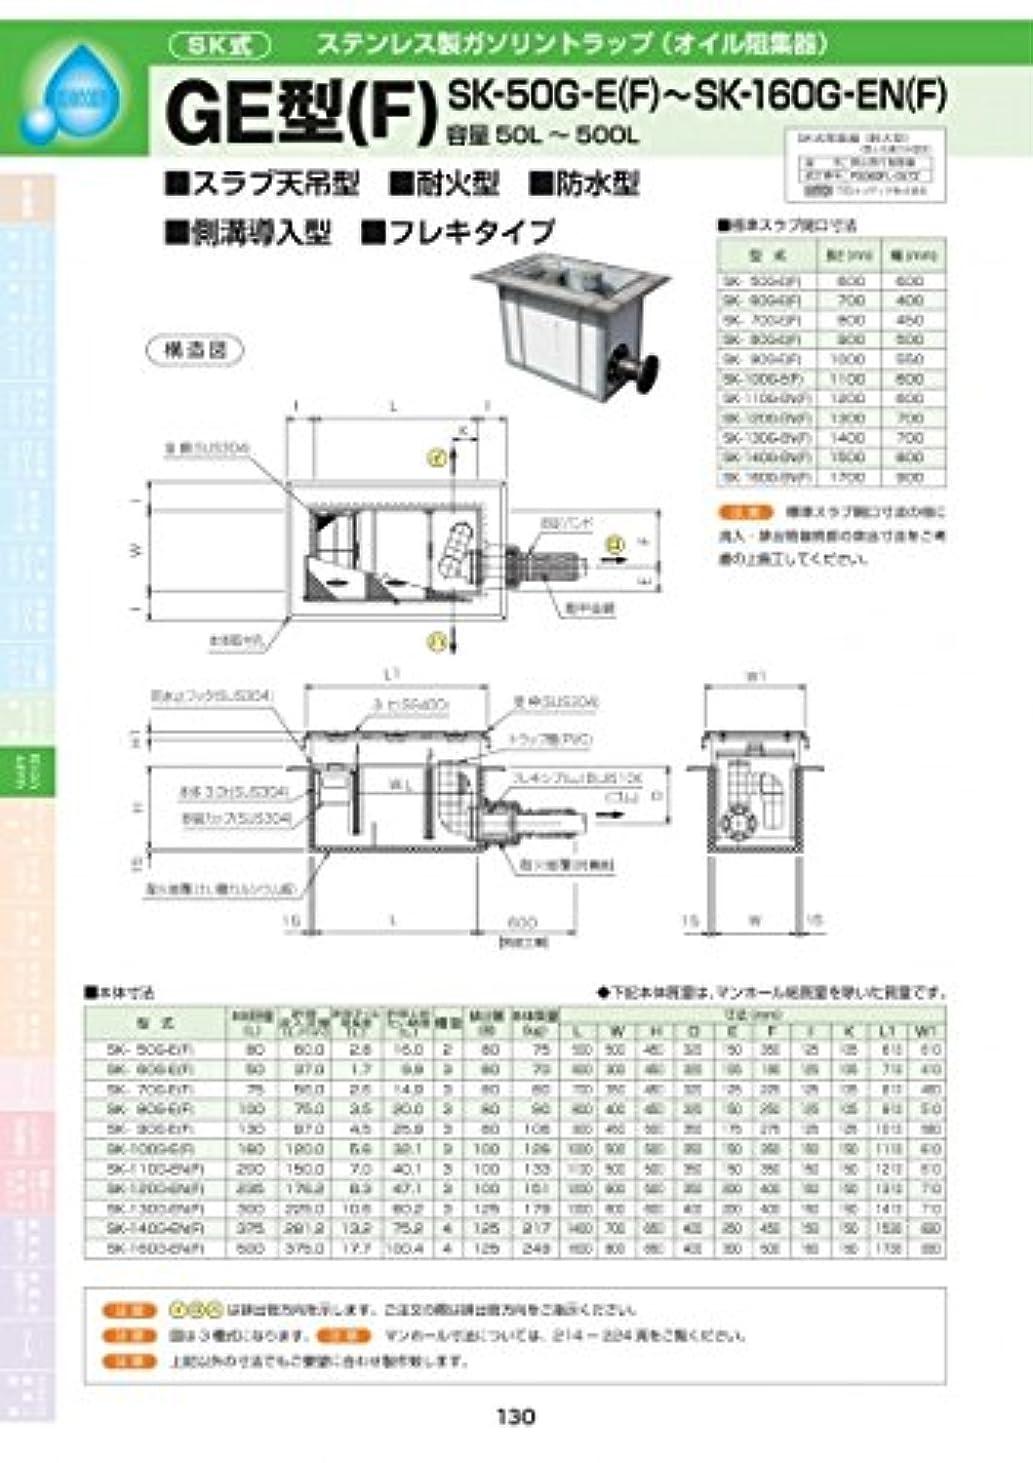 安全性シート却下するGE型(F) SK-160G-EN(F) 耐荷重蓋仕様セット(マンホール枠:ステンレス / 蓋:SS400) T-20